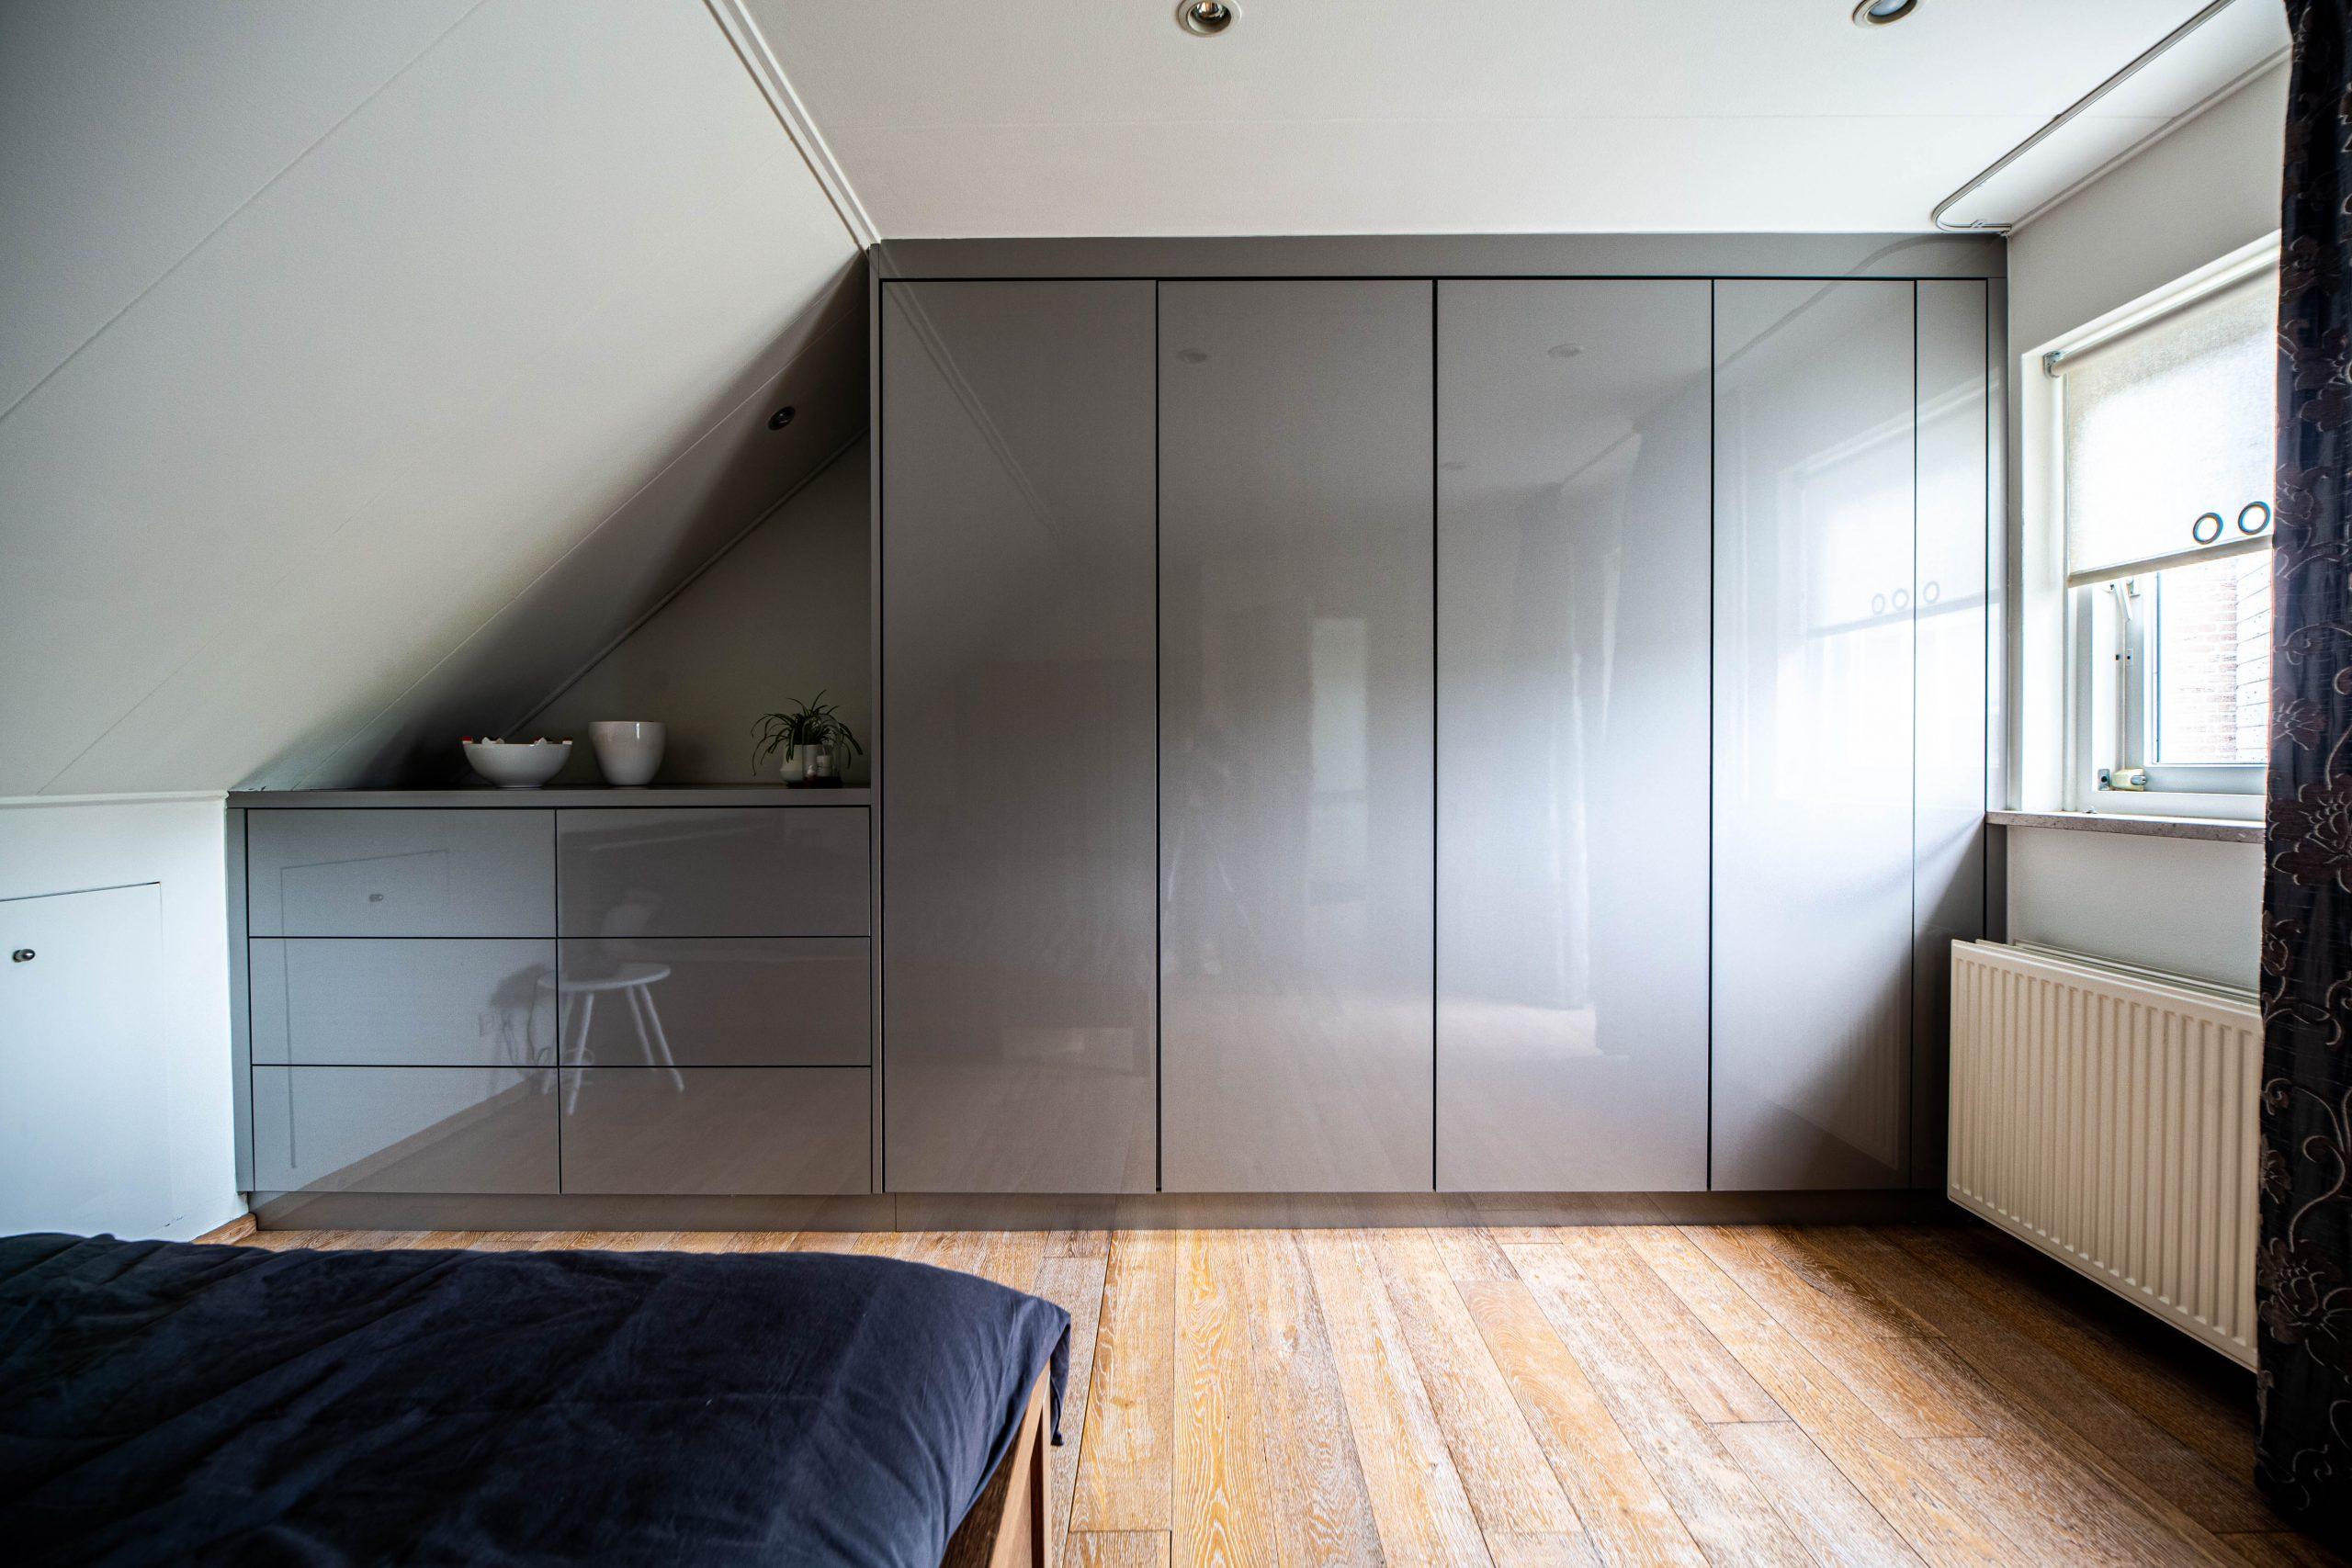 Sens Interieurs - kastruimte slaapkamers - galerij1